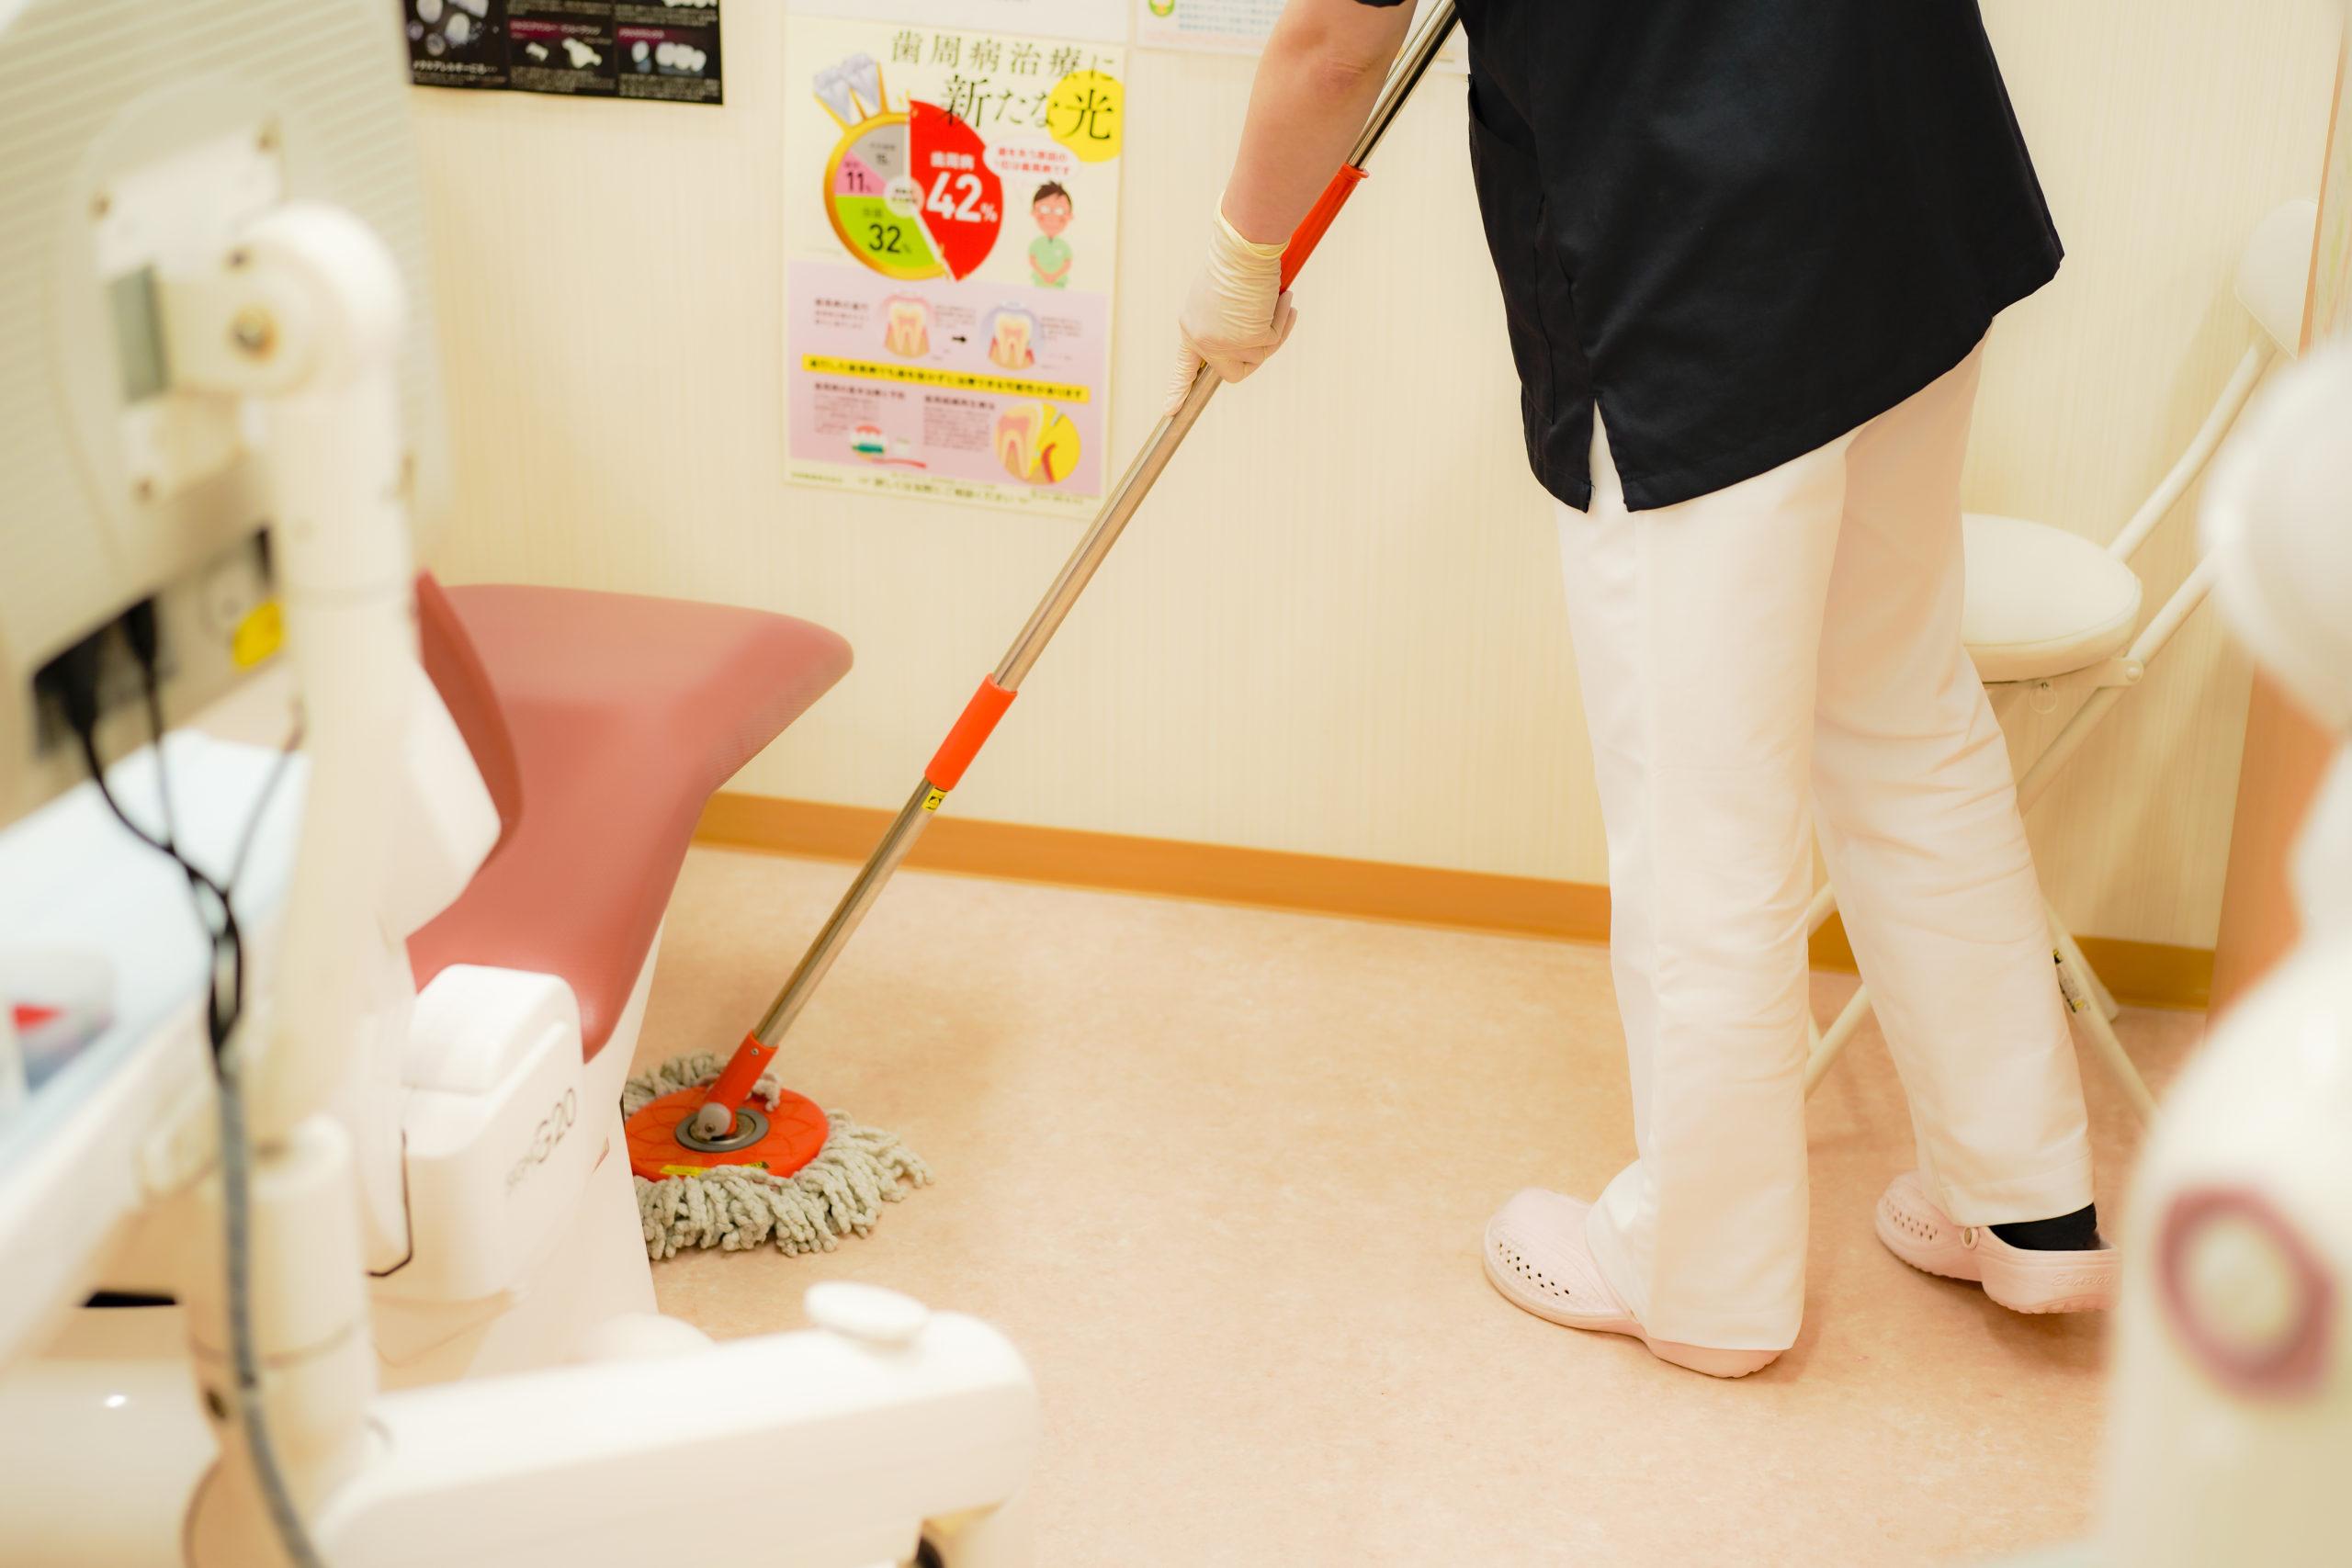 1時間ごとの除菌・モップ掛け いしはた歯科クリニック